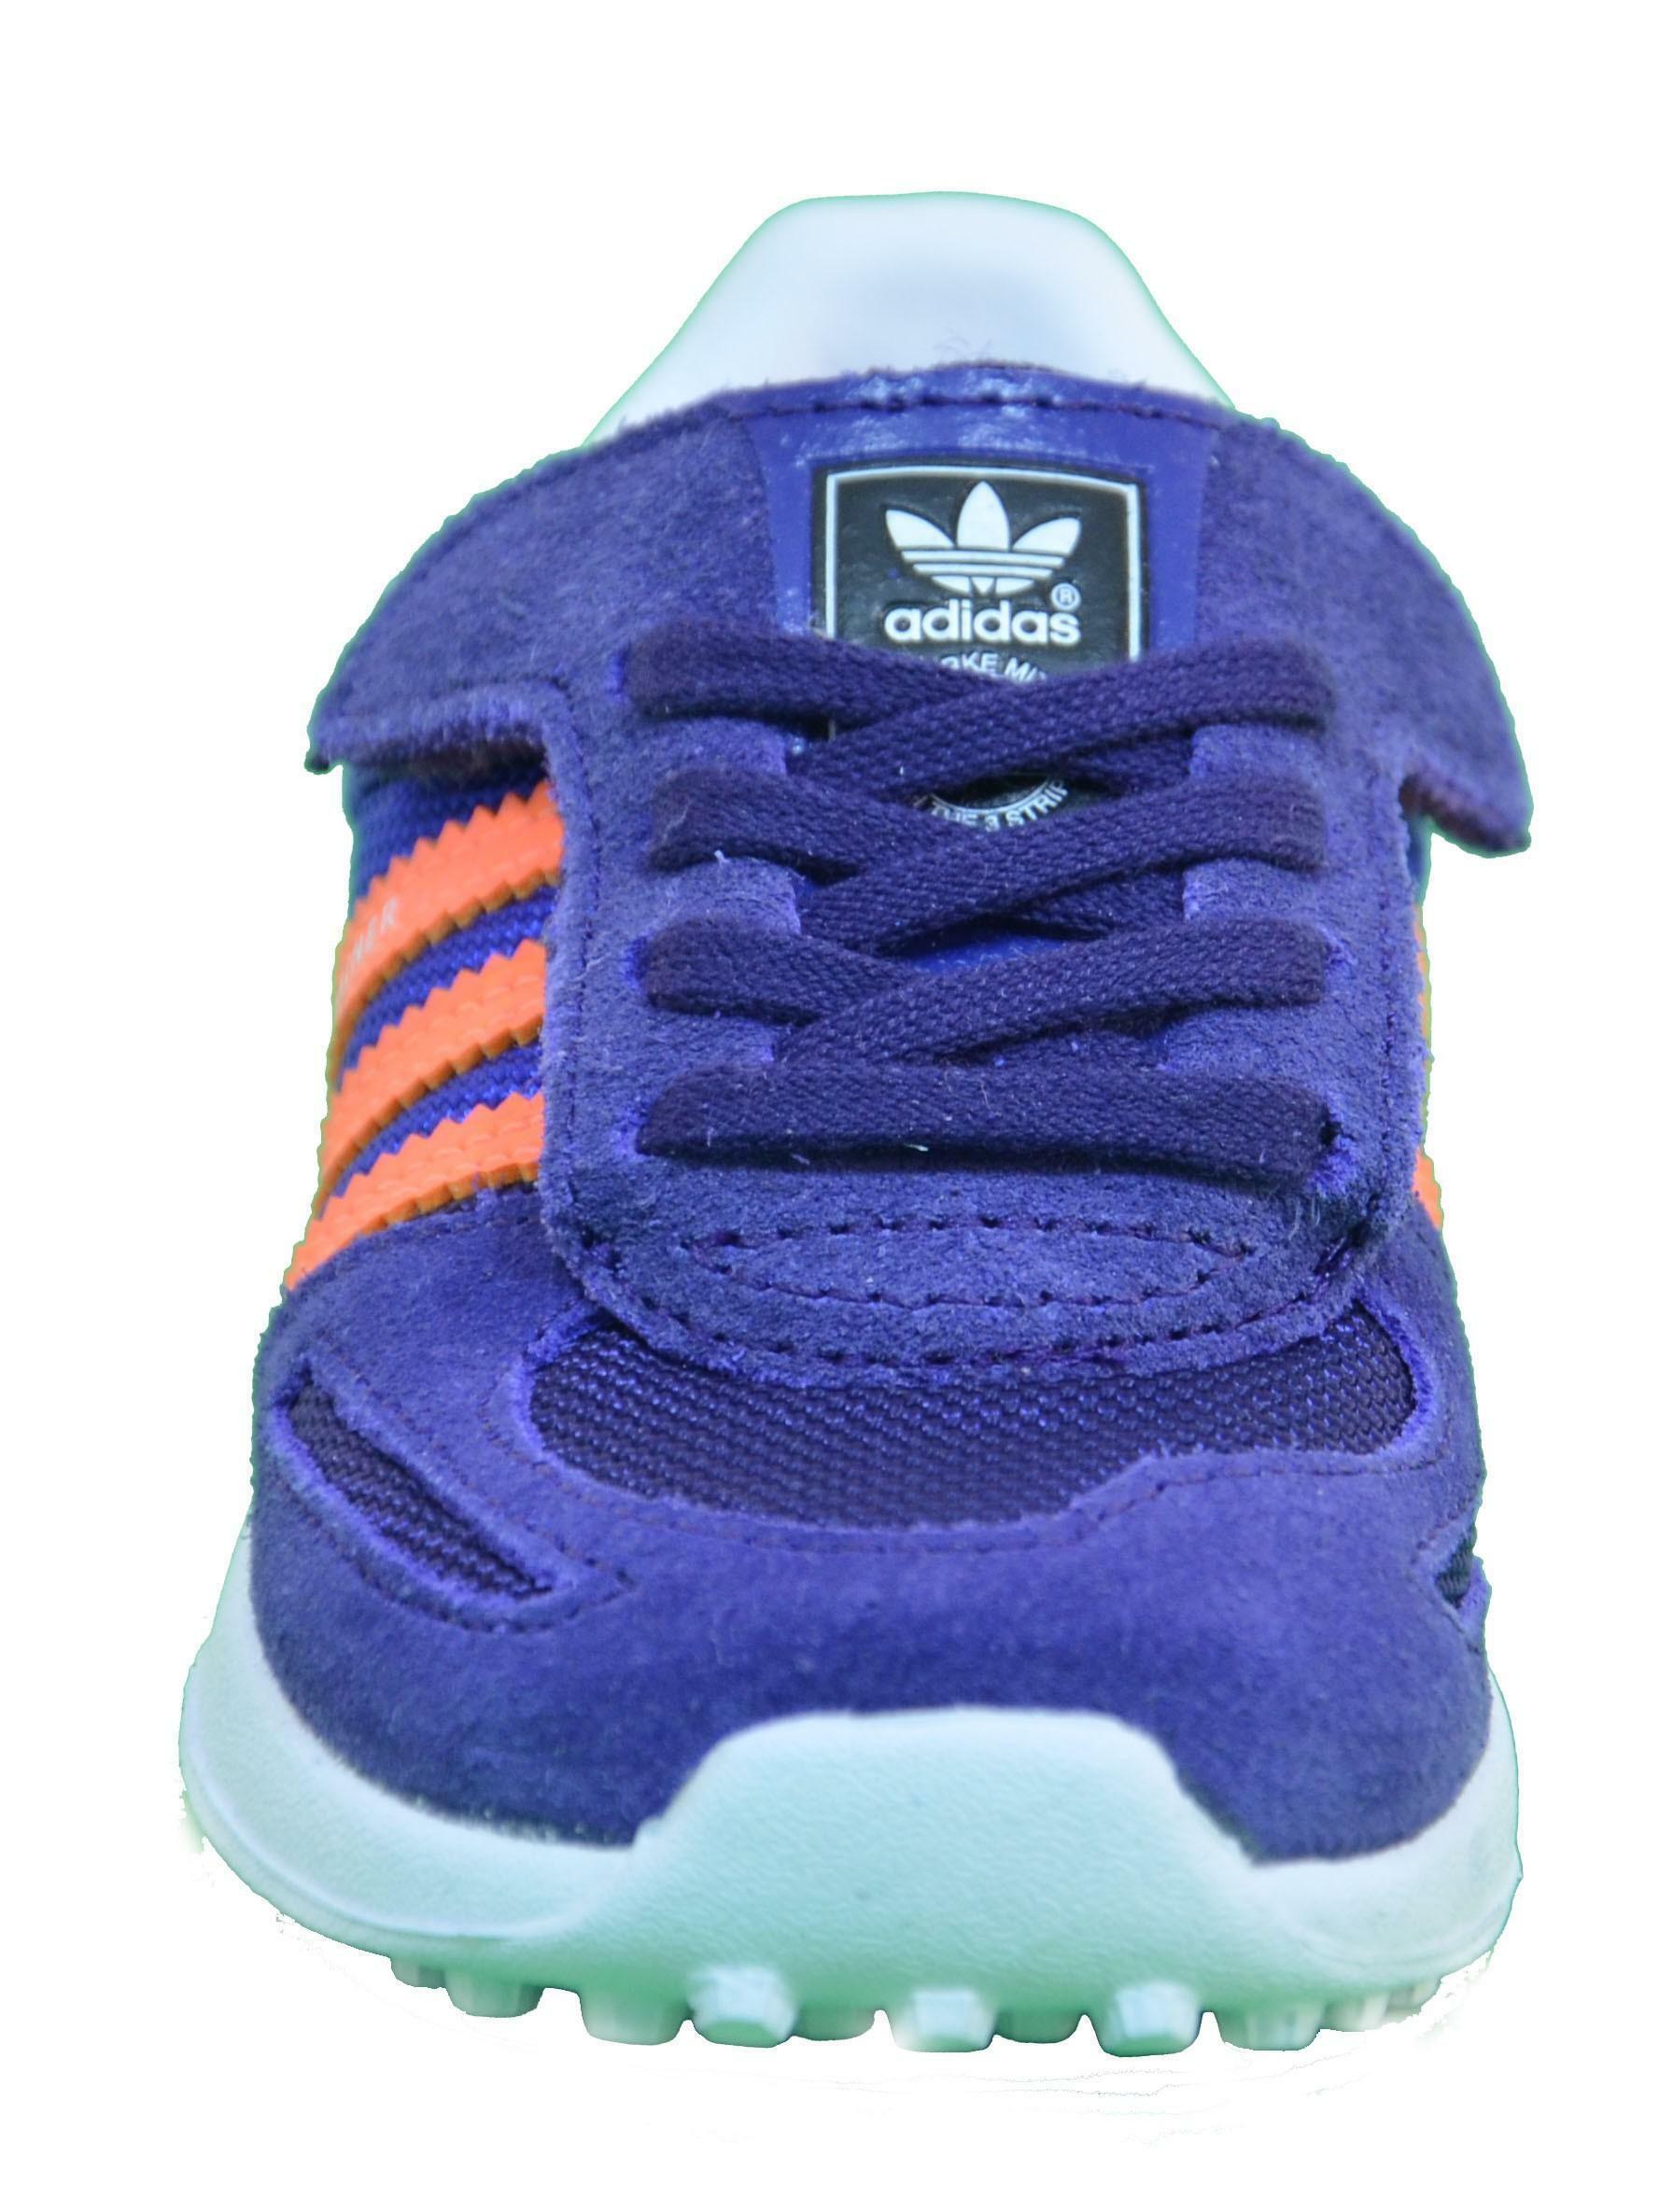 adidas adidas la trainer viola scarpe bambina pelle lacci strappi m17130